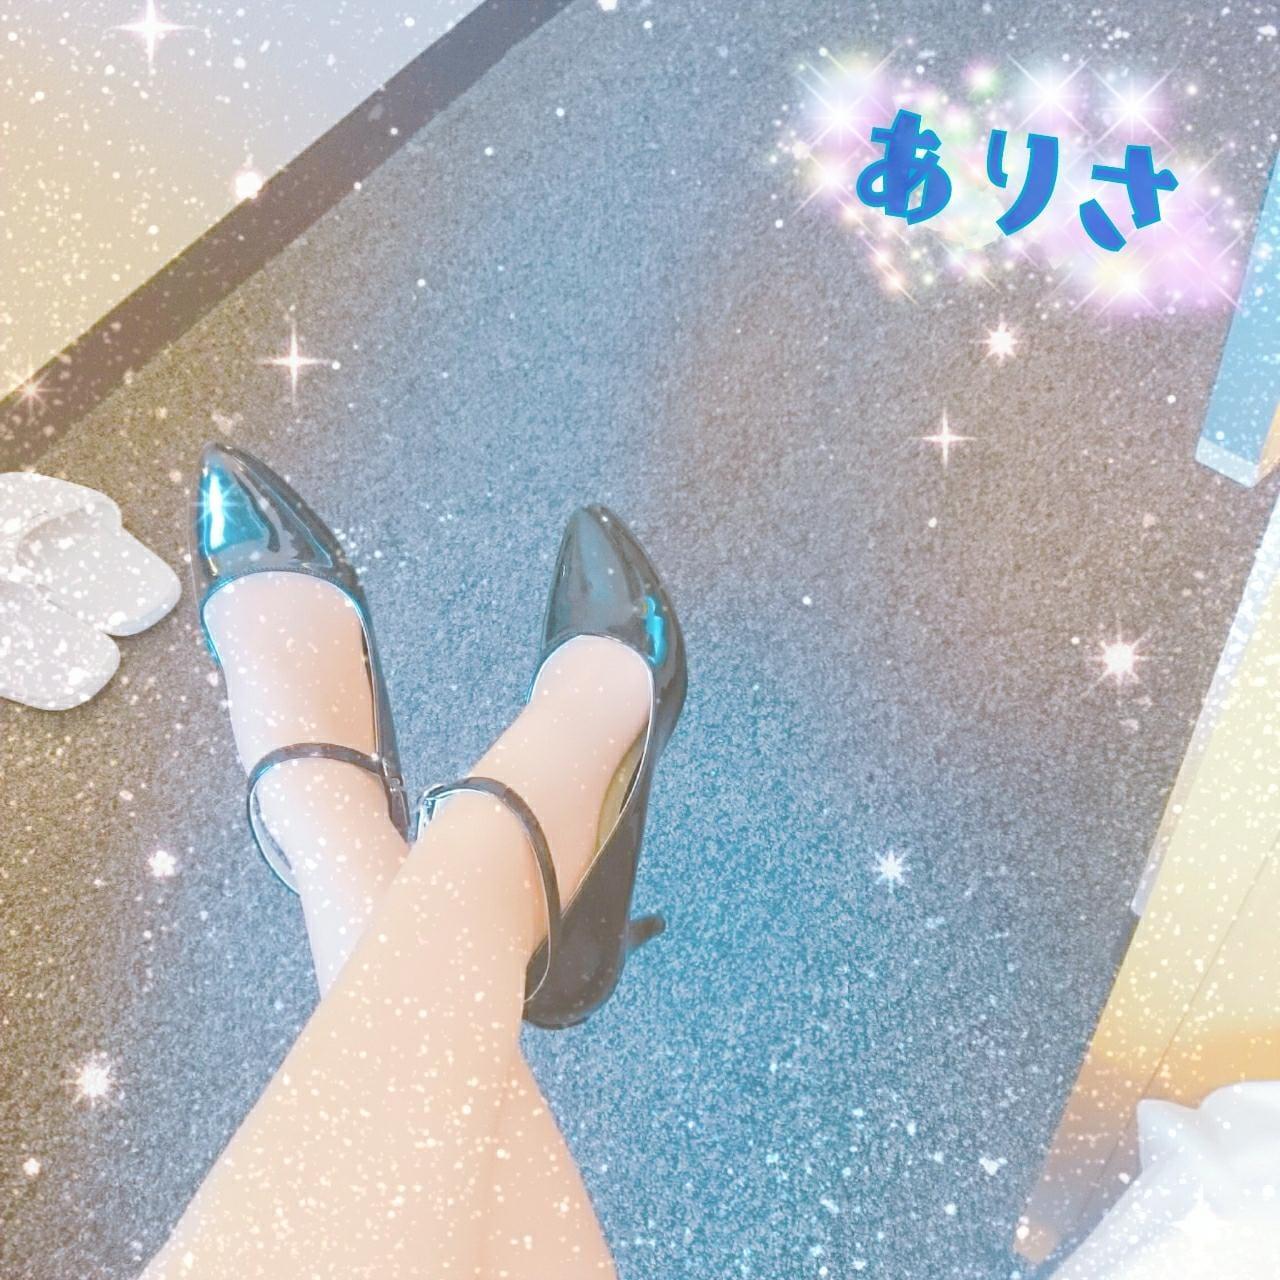 「出勤です♪」06/14(木) 15:42 | ありさの写メ・風俗動画